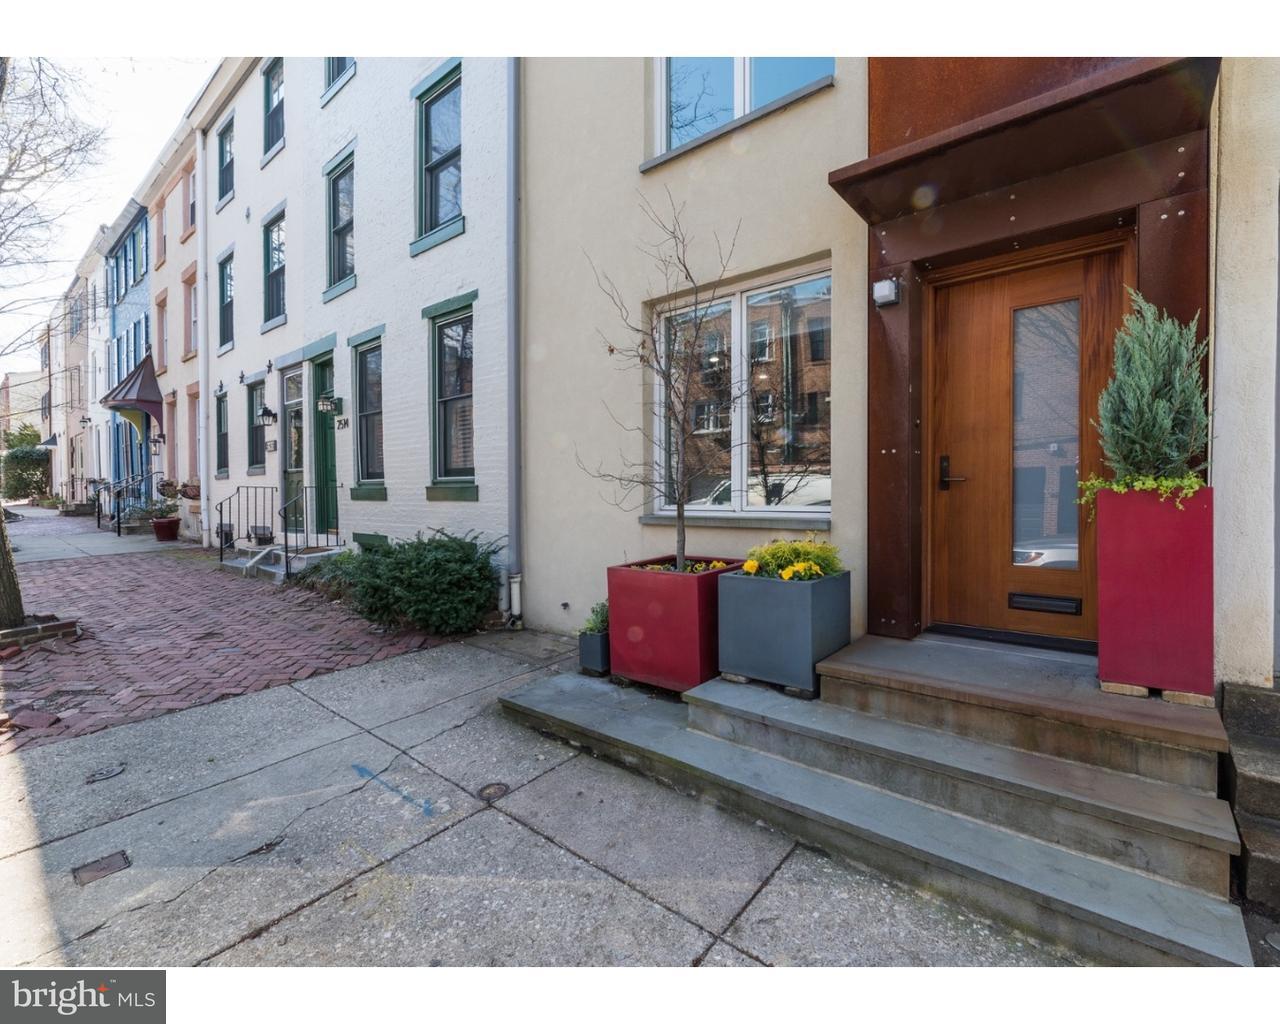 Maison unifamiliale pour l Vente à 2516 PINE Street Philadelphia, Pennsylvanie 19103 États-Unis